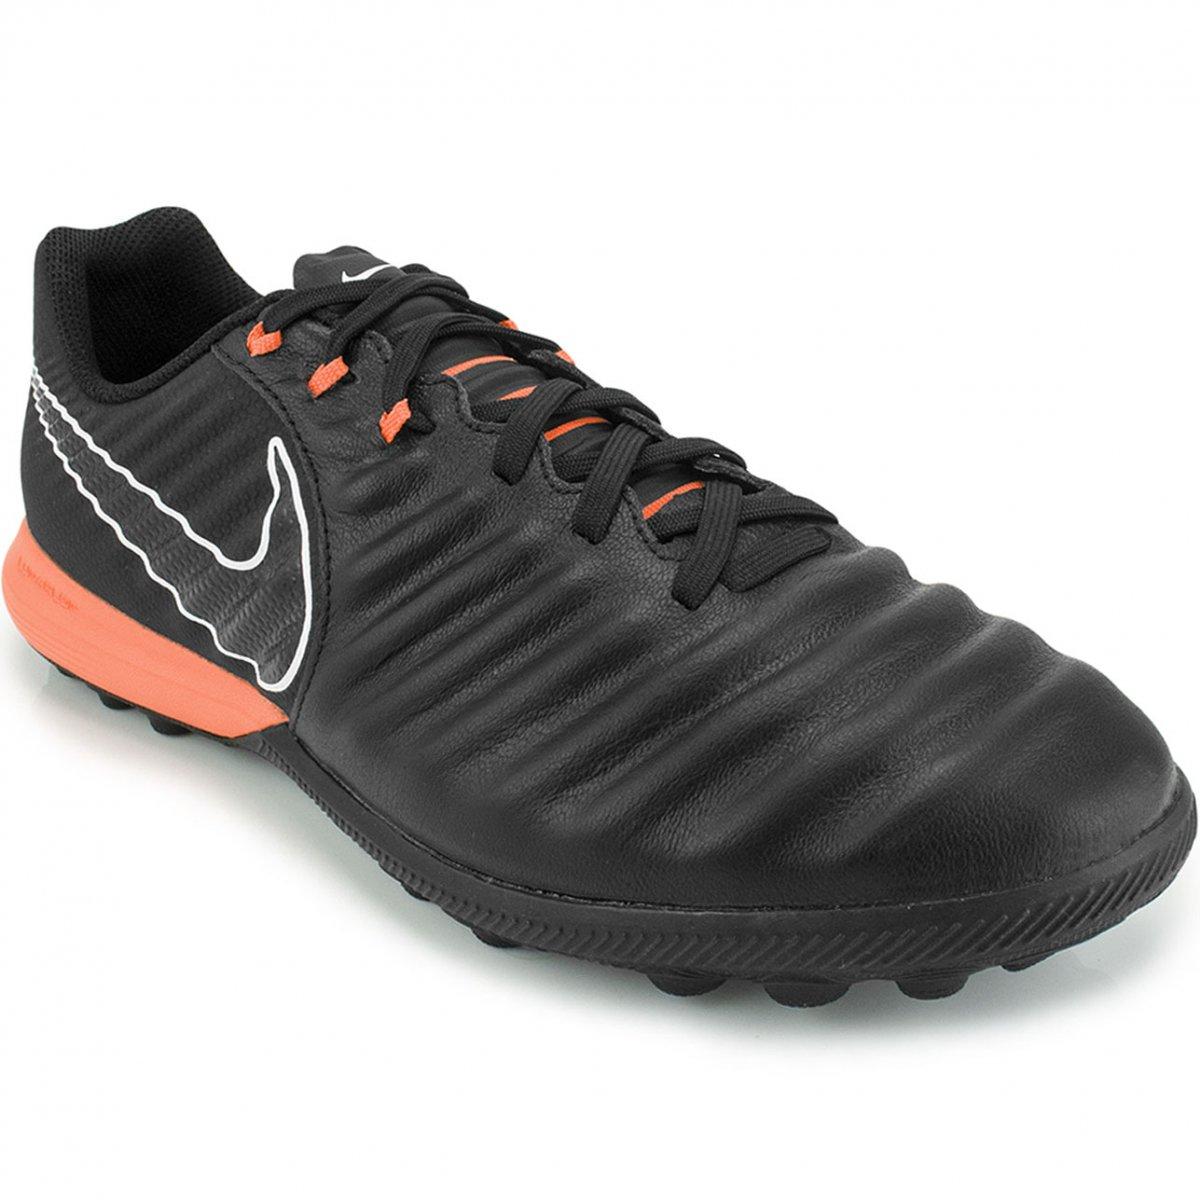 fa5303fc861f1 Chuteira Nike TiempoX Lunar Legend 7 Pro | Futebol | MaxTennis